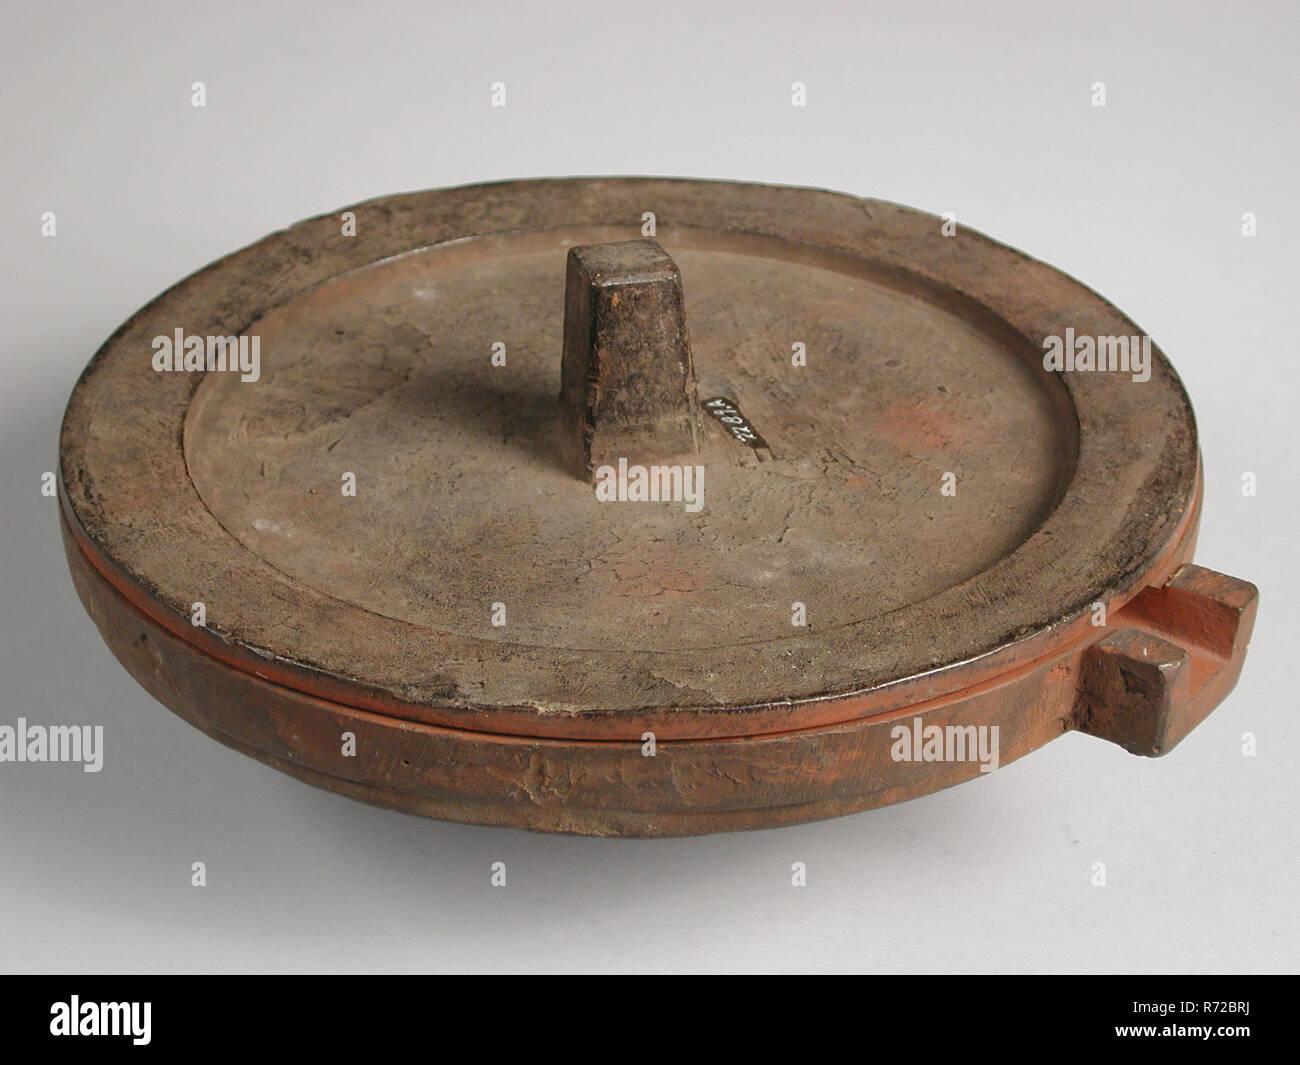 Kozhikode datiert linksys hookup-Anleitung